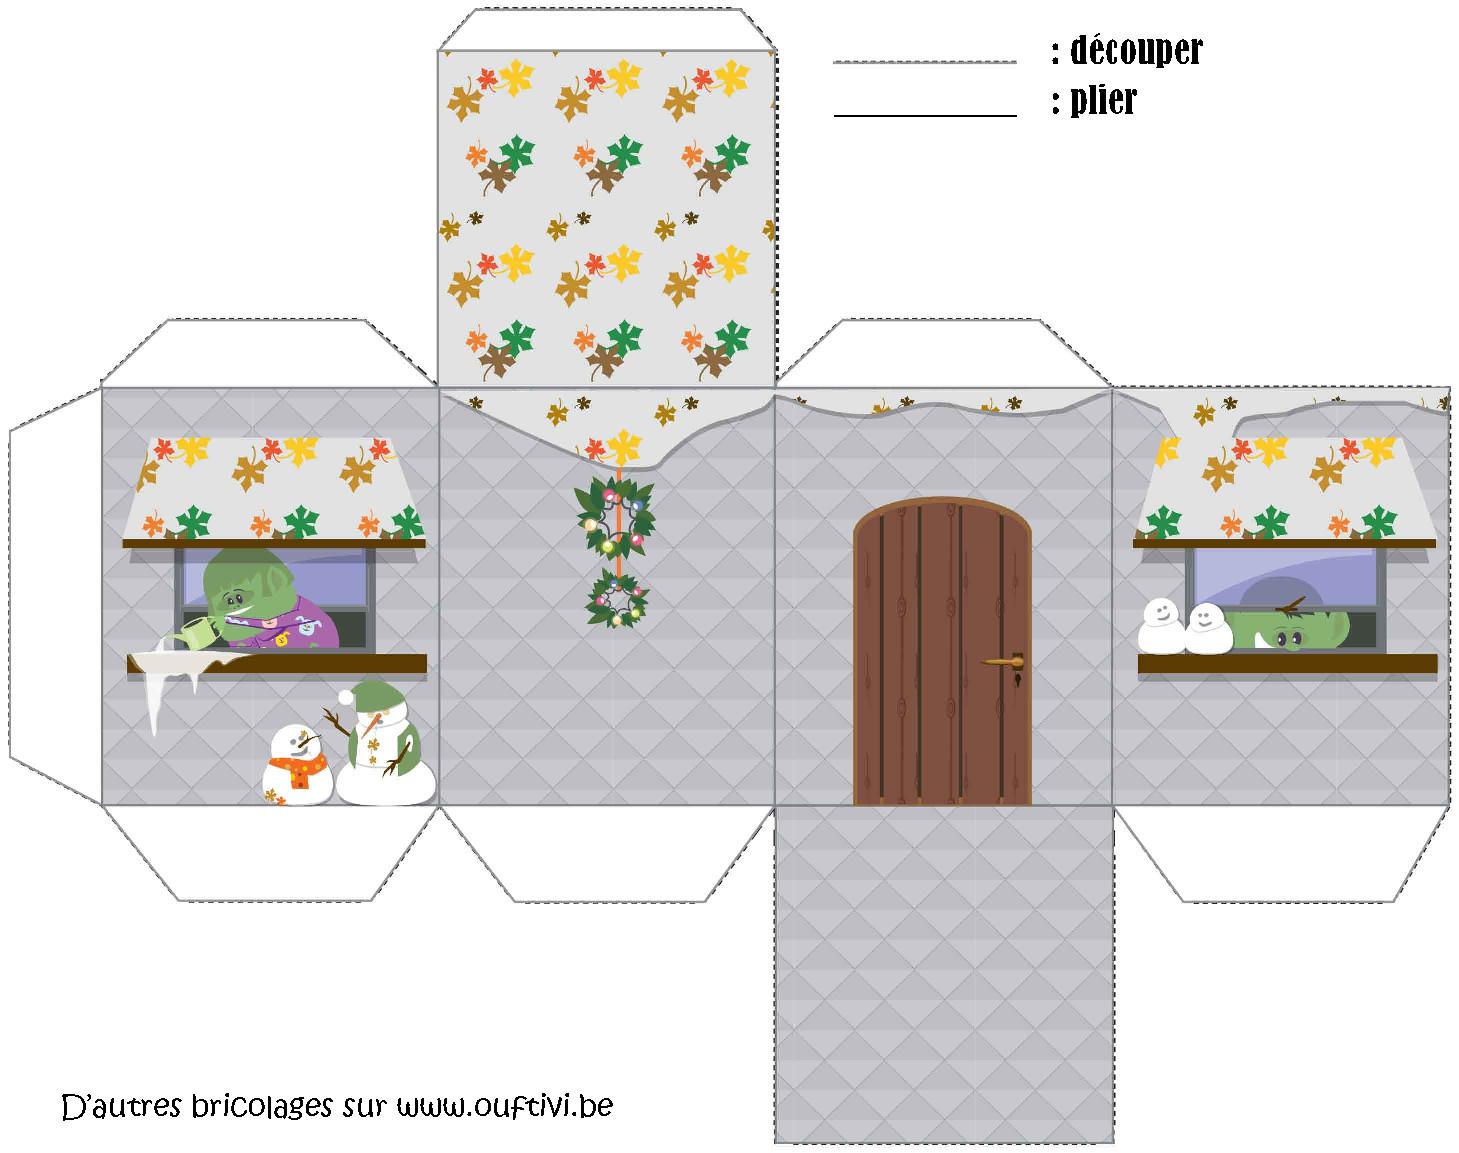 Bricolage maison de no l 4 ouftivi - Maison papier a decouper ...